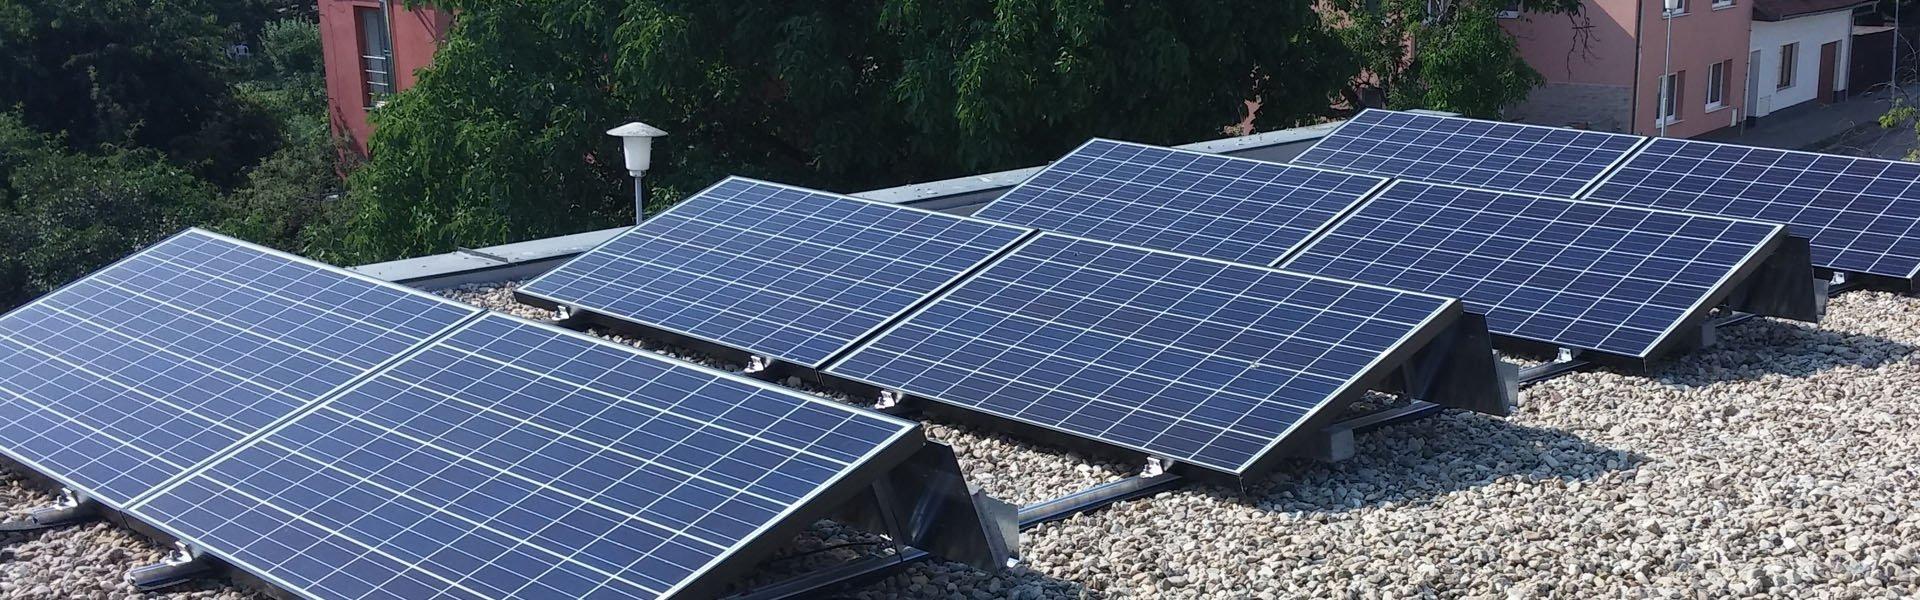 Komentář: Tažení proti fotovoltaikám nekončí